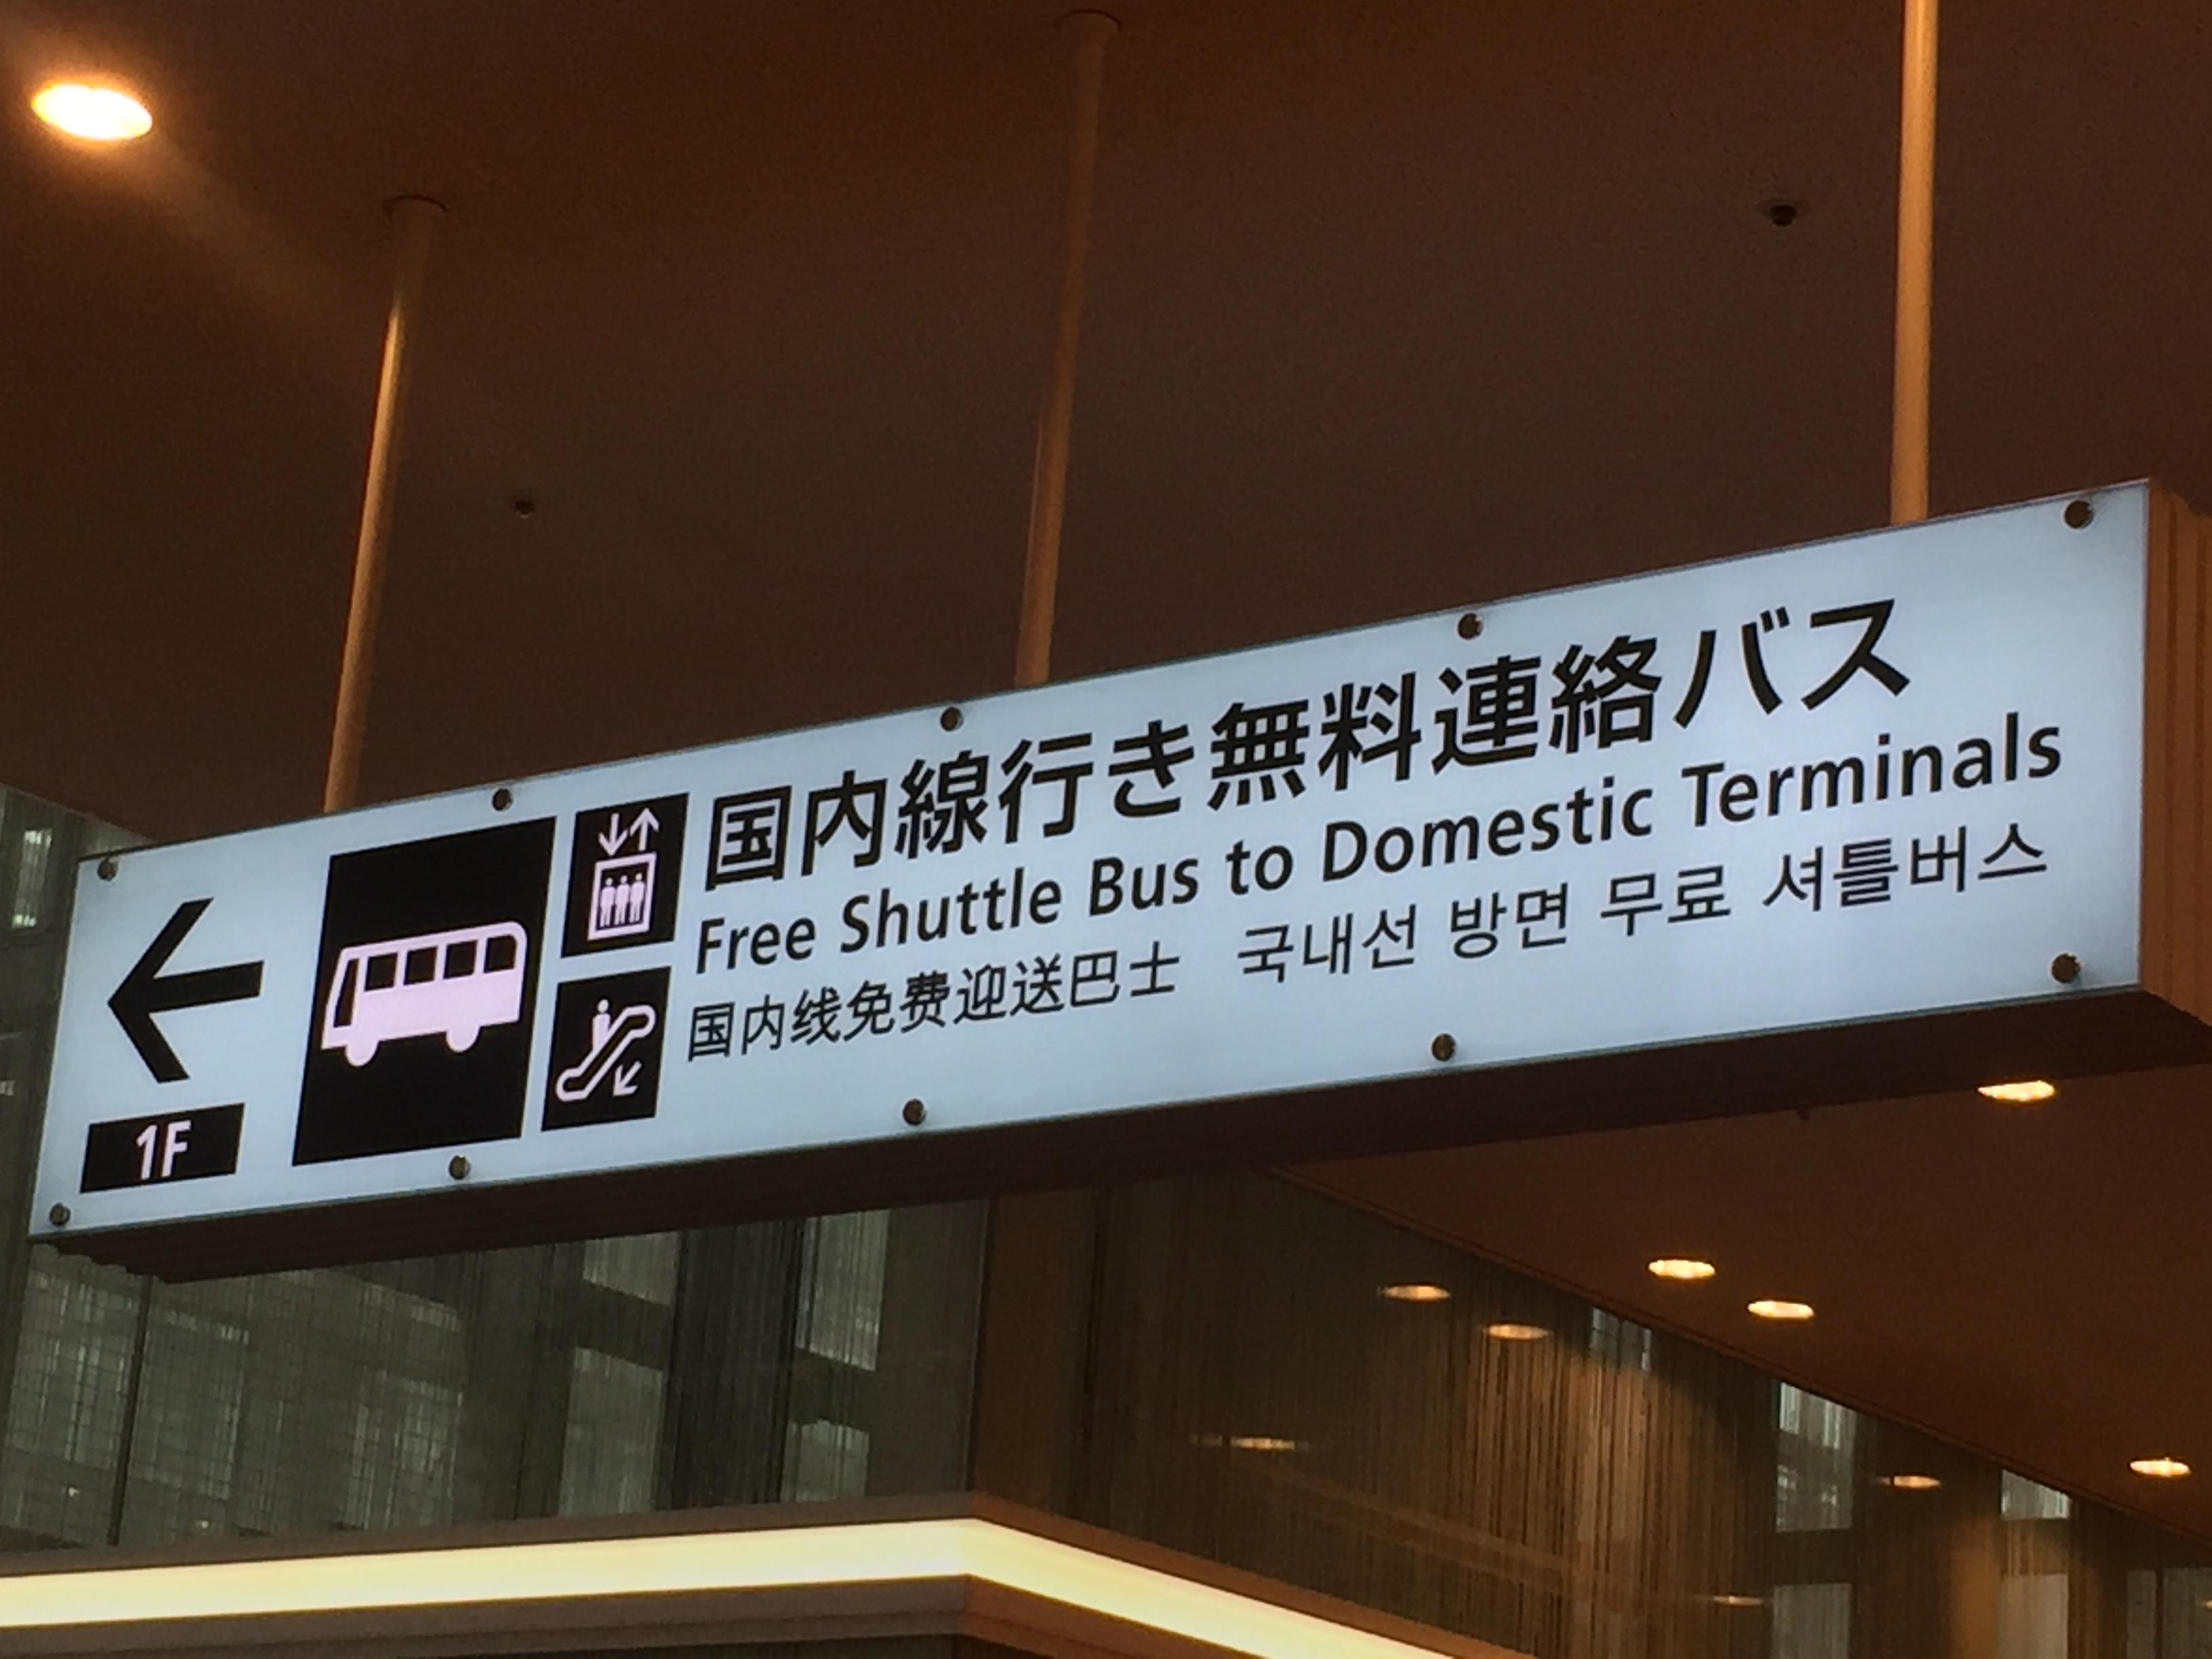 轉機好複雜?羽田機場,國際線-國內線如何轉機